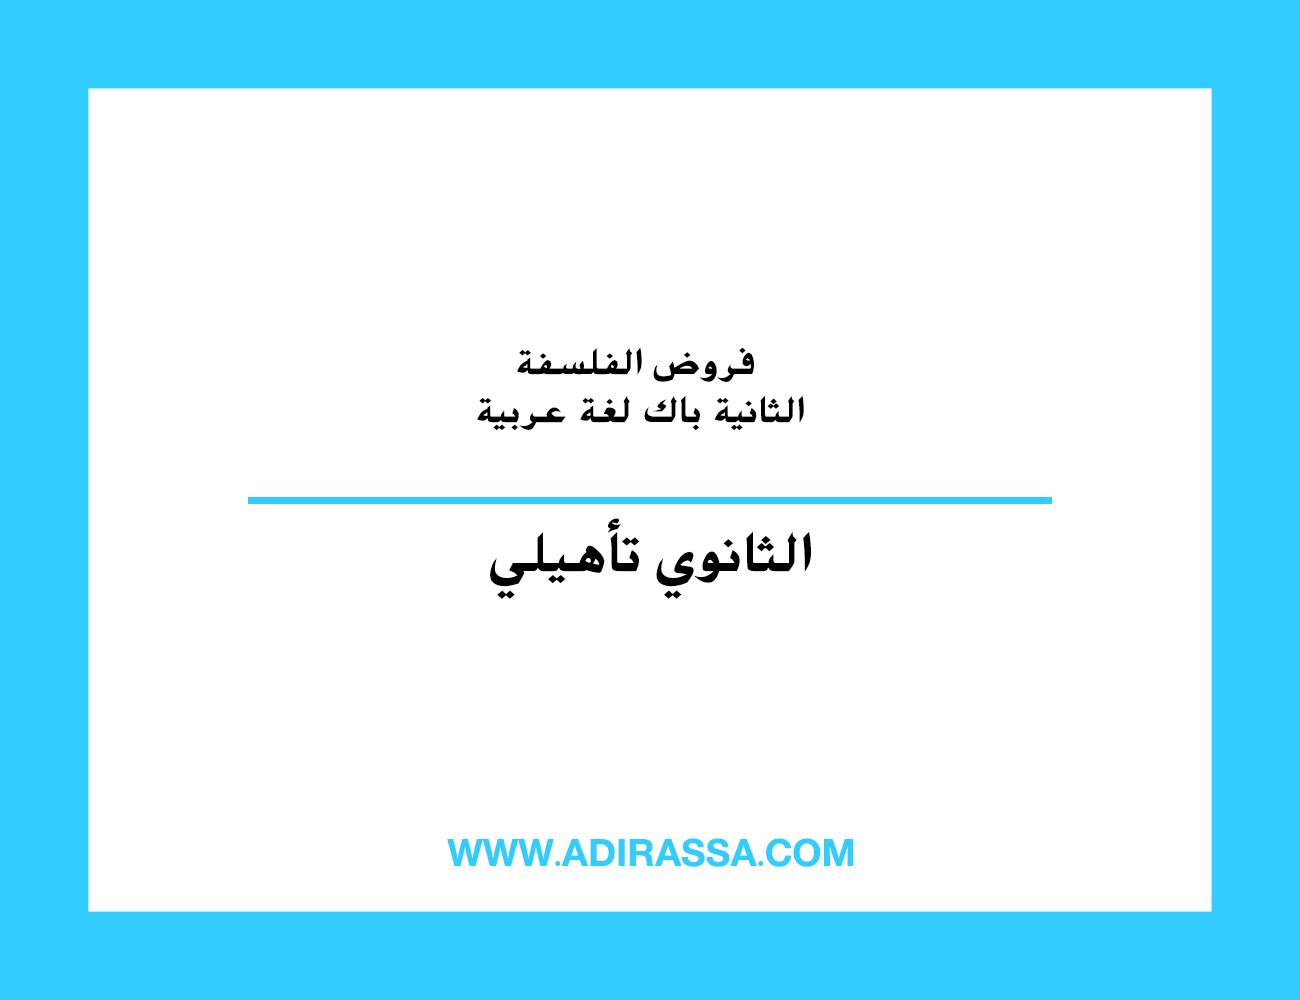 فروض الفلسفة الثانية باك لغة عربية بمستوى الثانوي التأهيلي